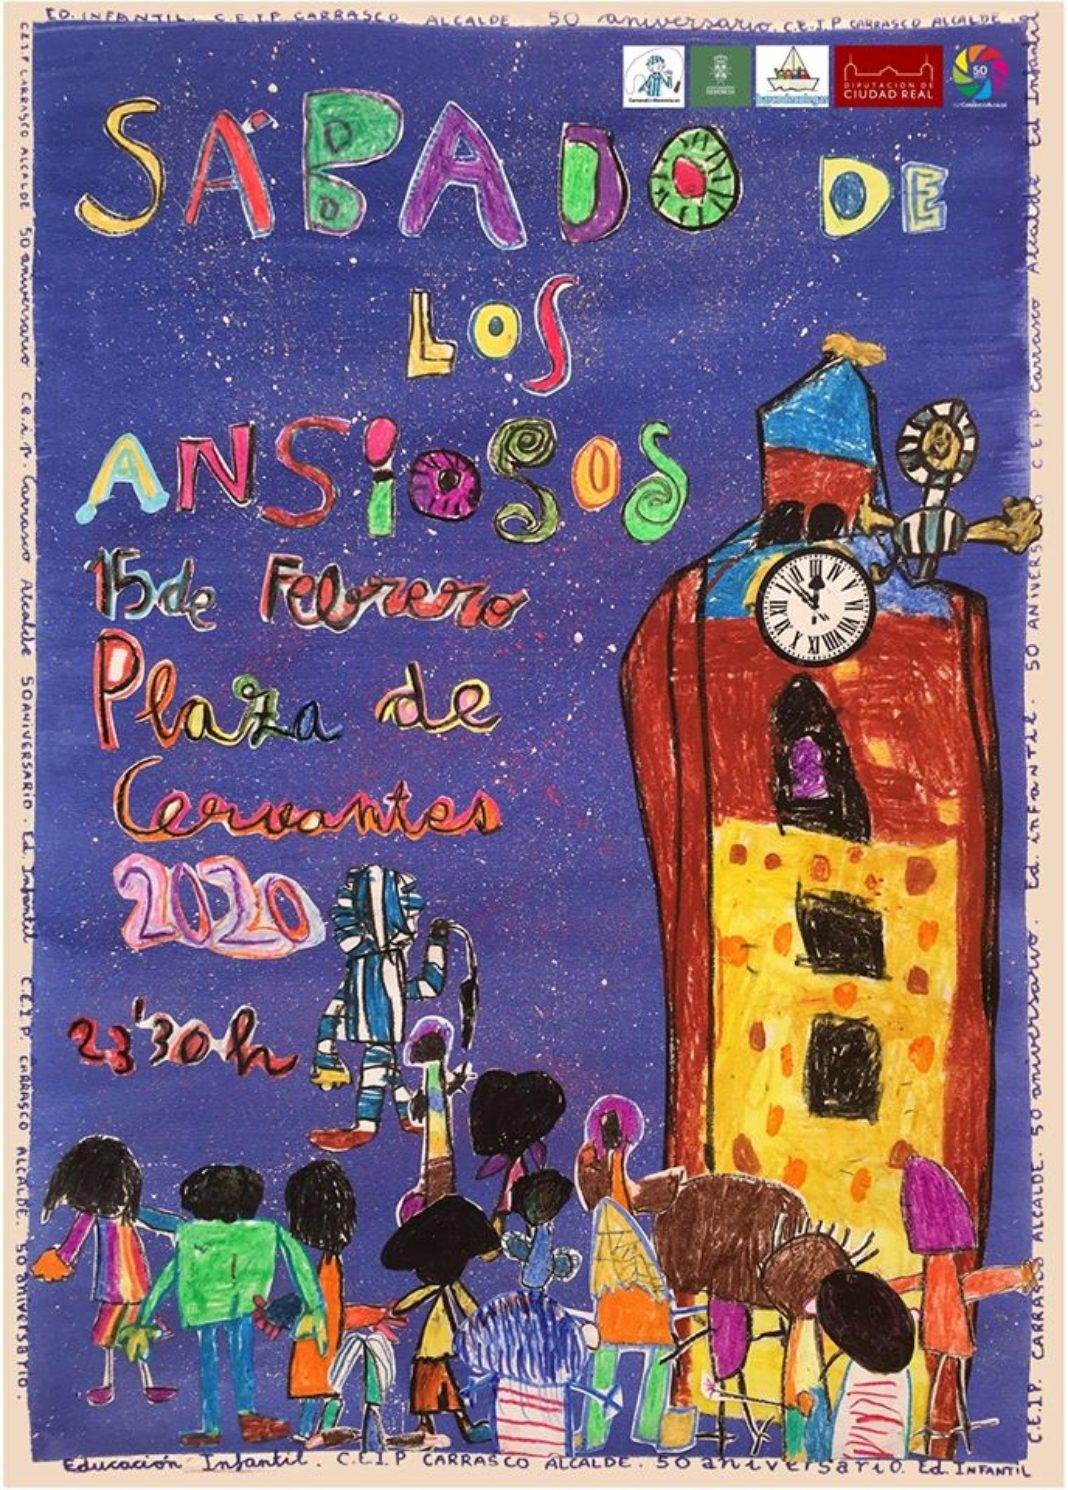 Cartel Sábado de los Ansiosos 2020 1068x1490 - Los alumnos de infantil del CEIP Carrasco Alcalde autores del cartel del Sábado de los Ansiosos 2020